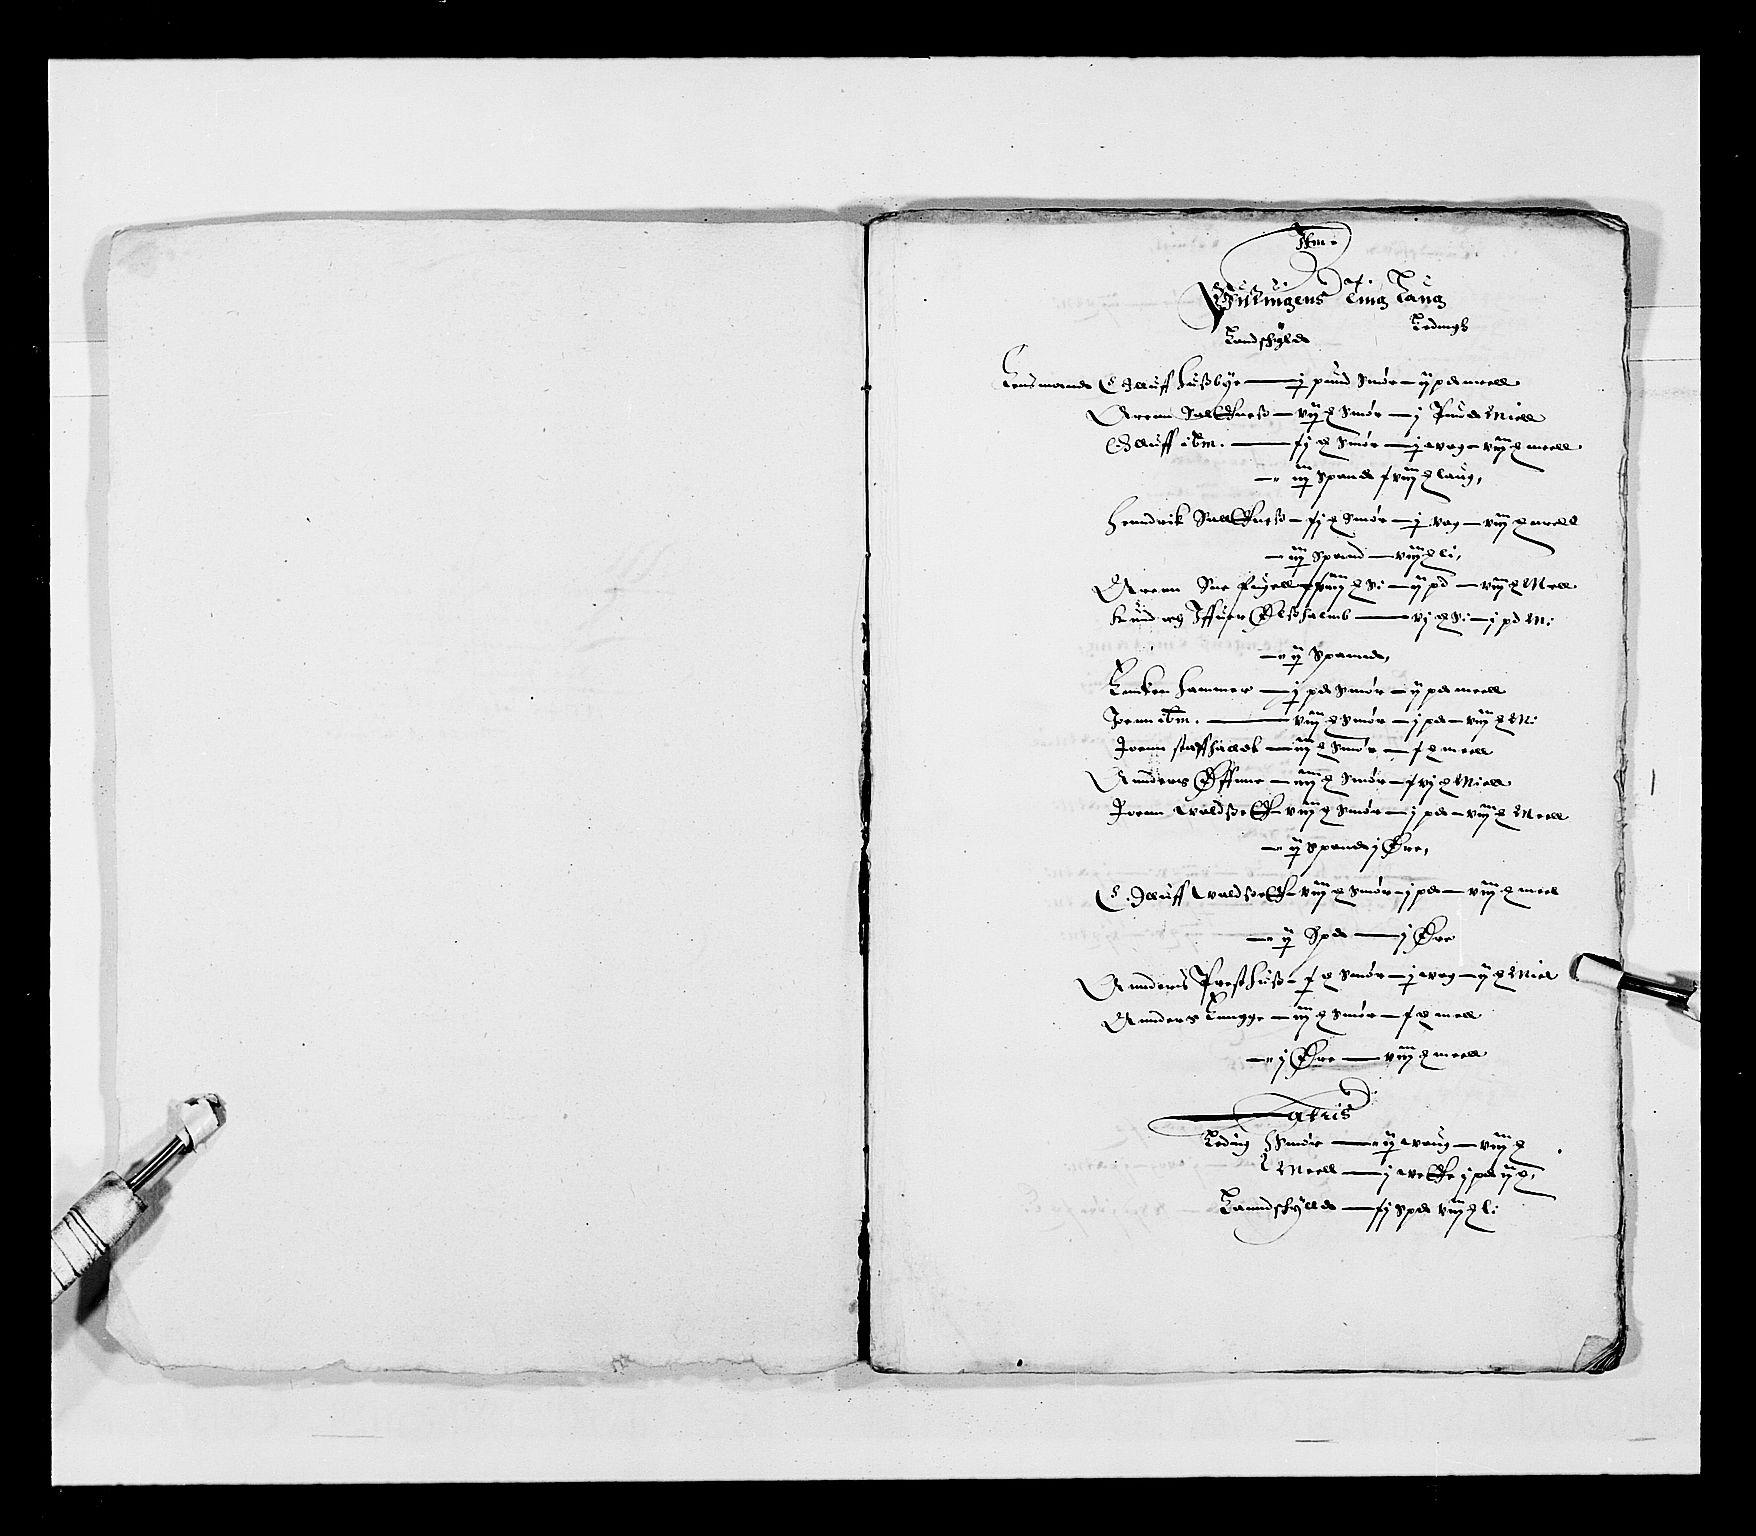 RA, Stattholderembetet 1572-1771, Ek/L0028: Jordebøker 1633-1658:, 1645-1646, s. 165